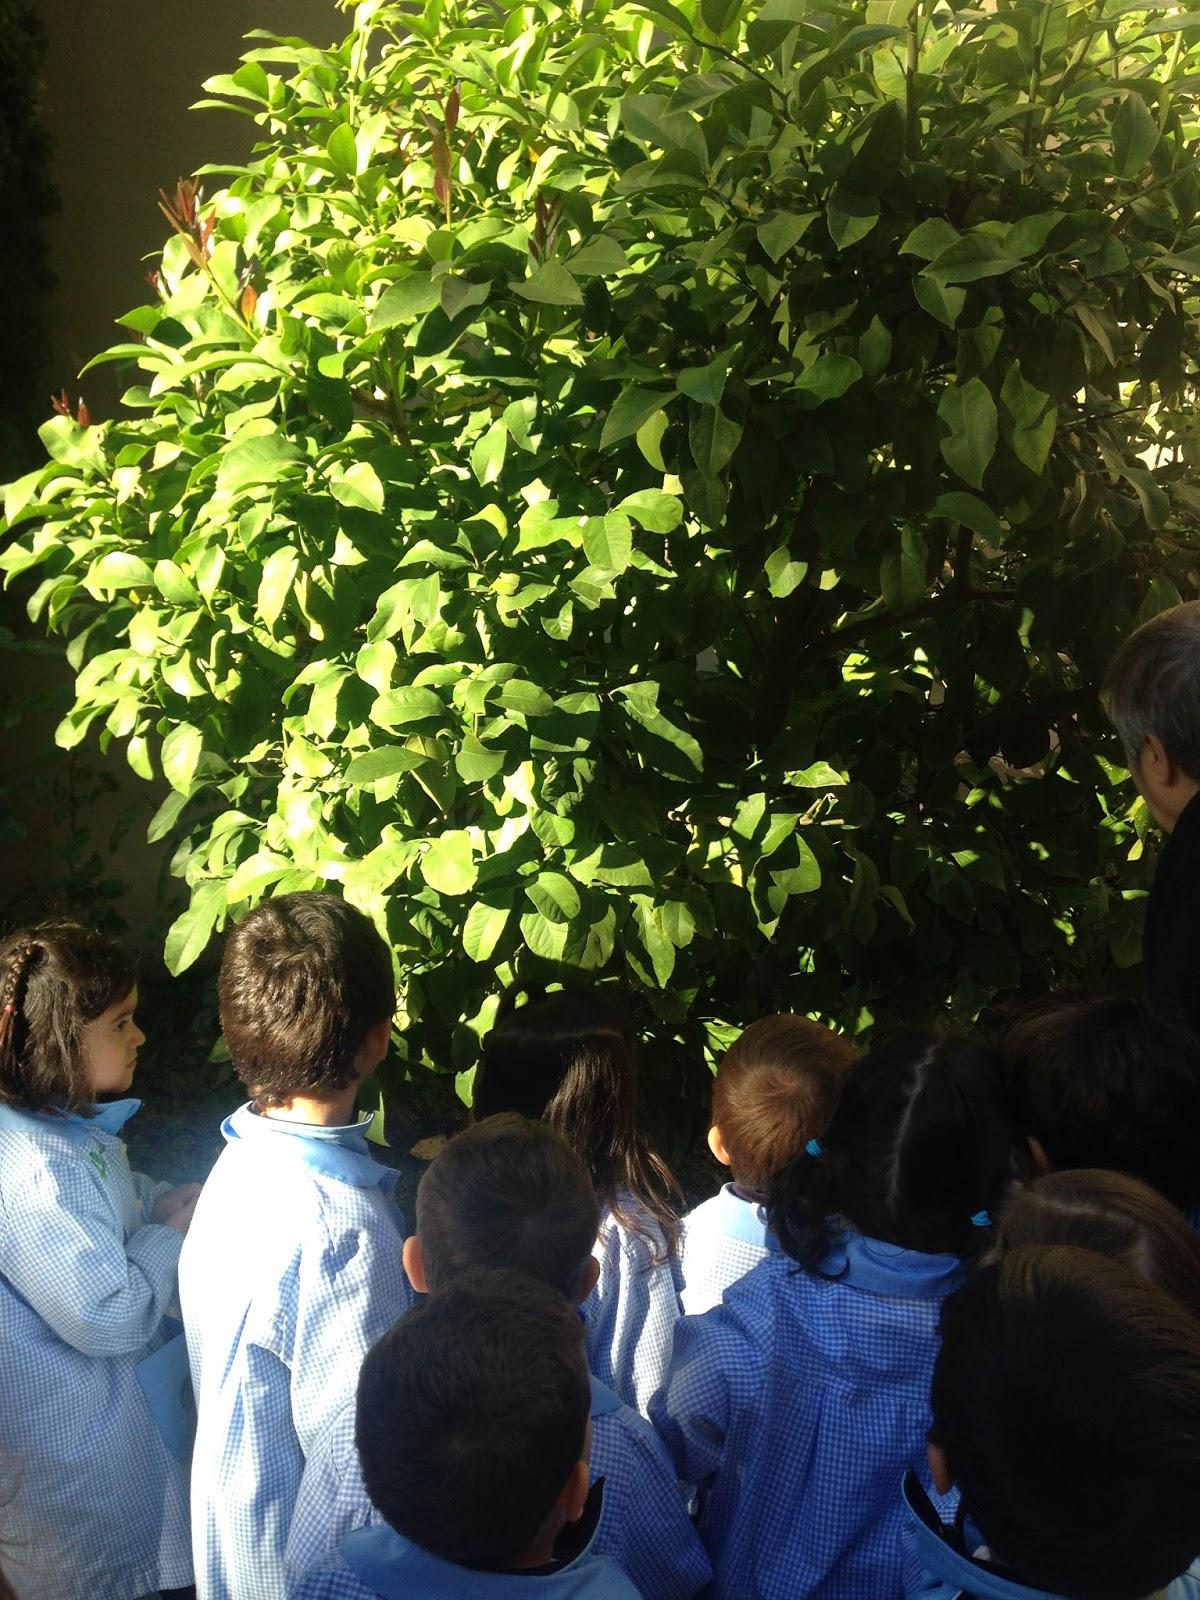 El tic tac de infantil rboles de hoja caduca y rboles for Como se llaman los arboles que no pierden sus hojas